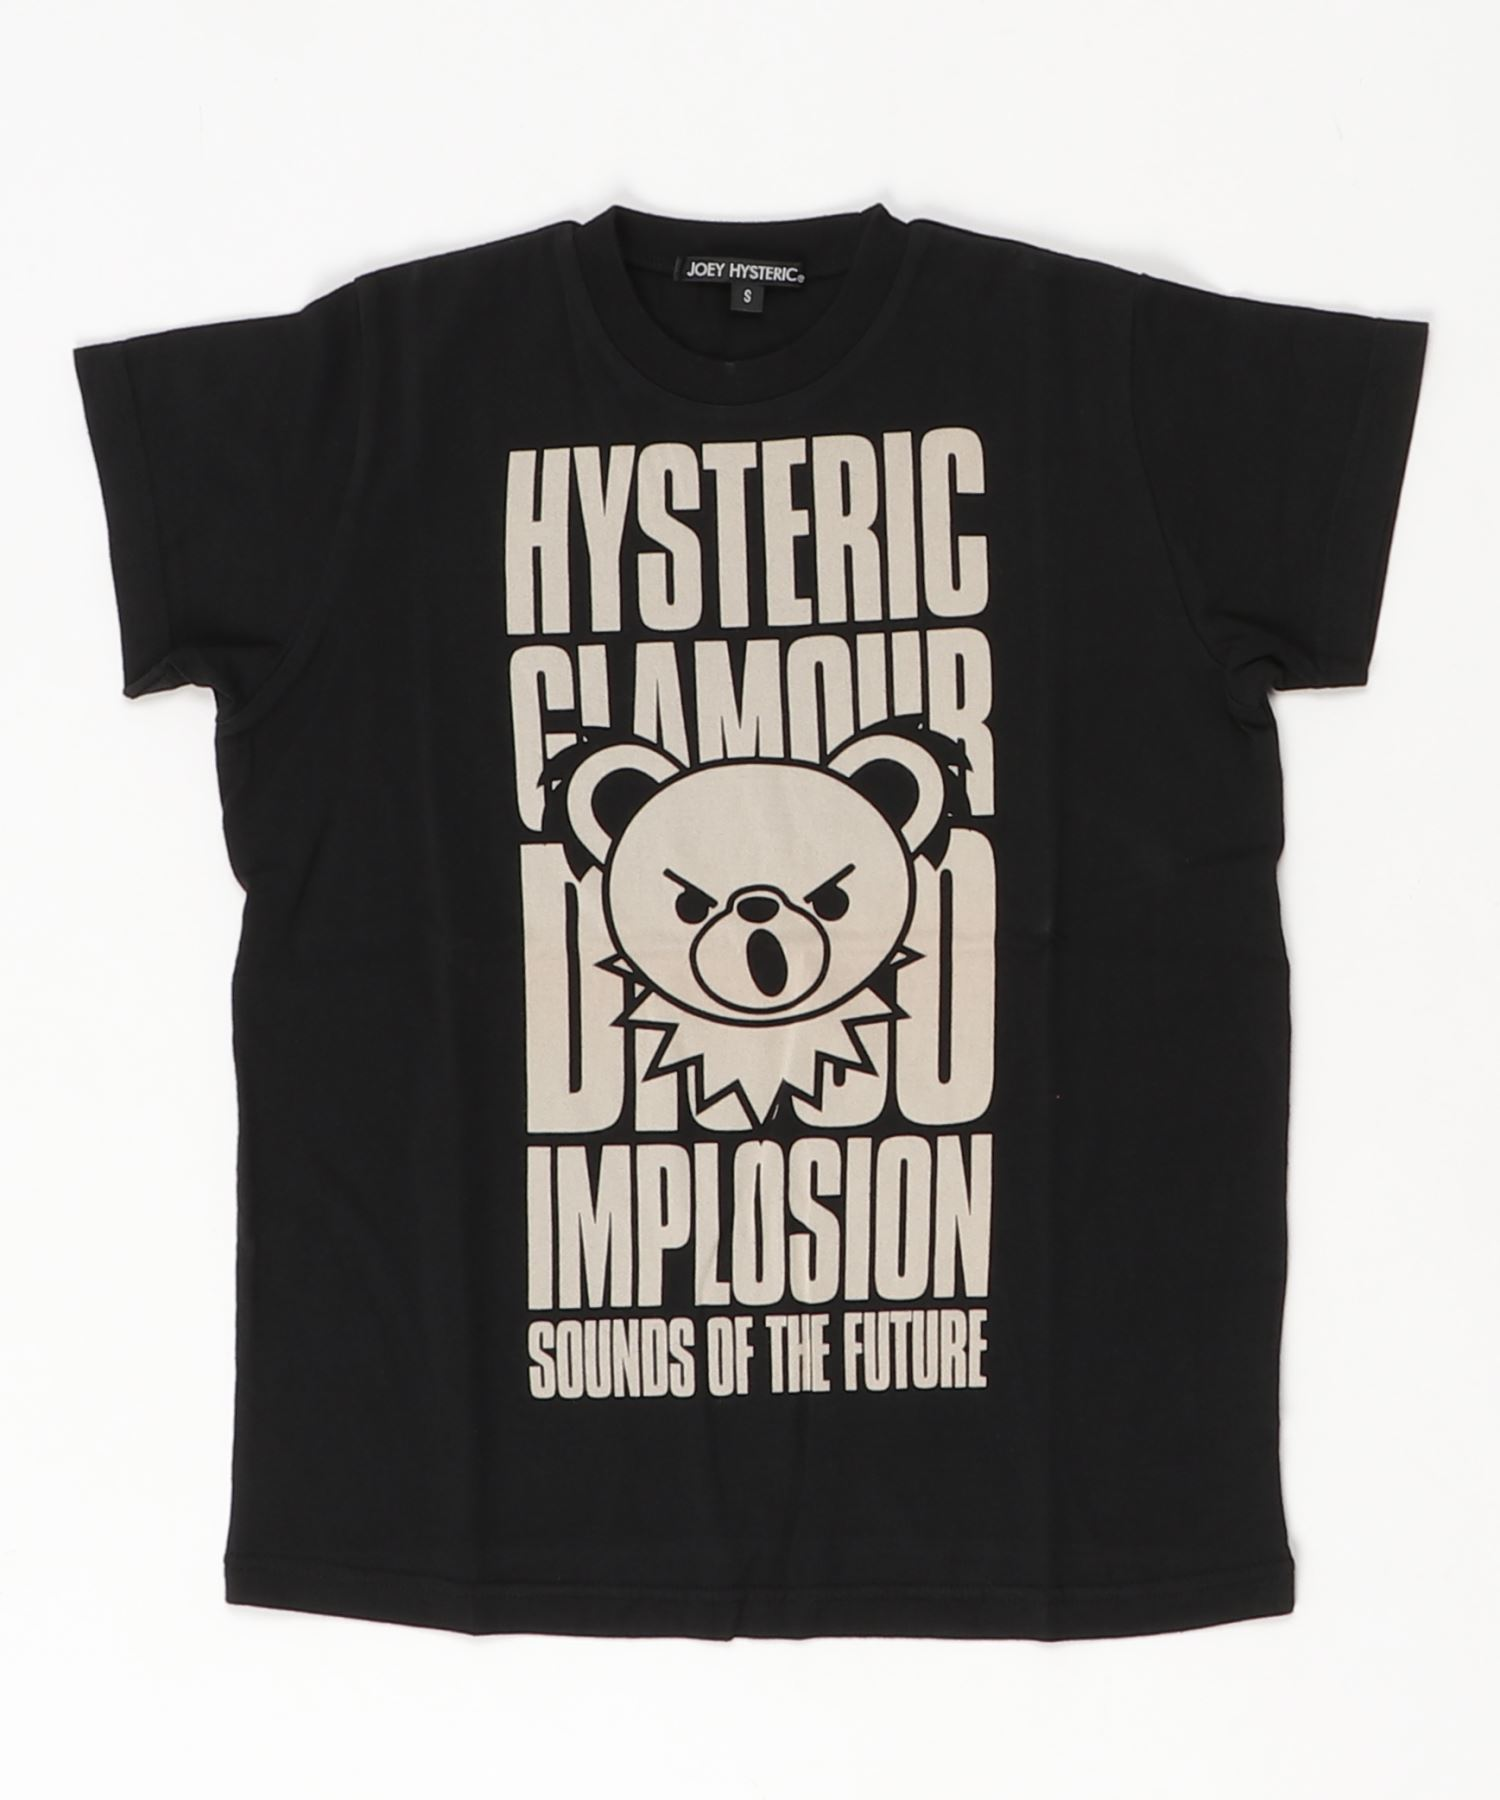 BEAR IMPLOSION pt ビッグTシャツ【S/M】